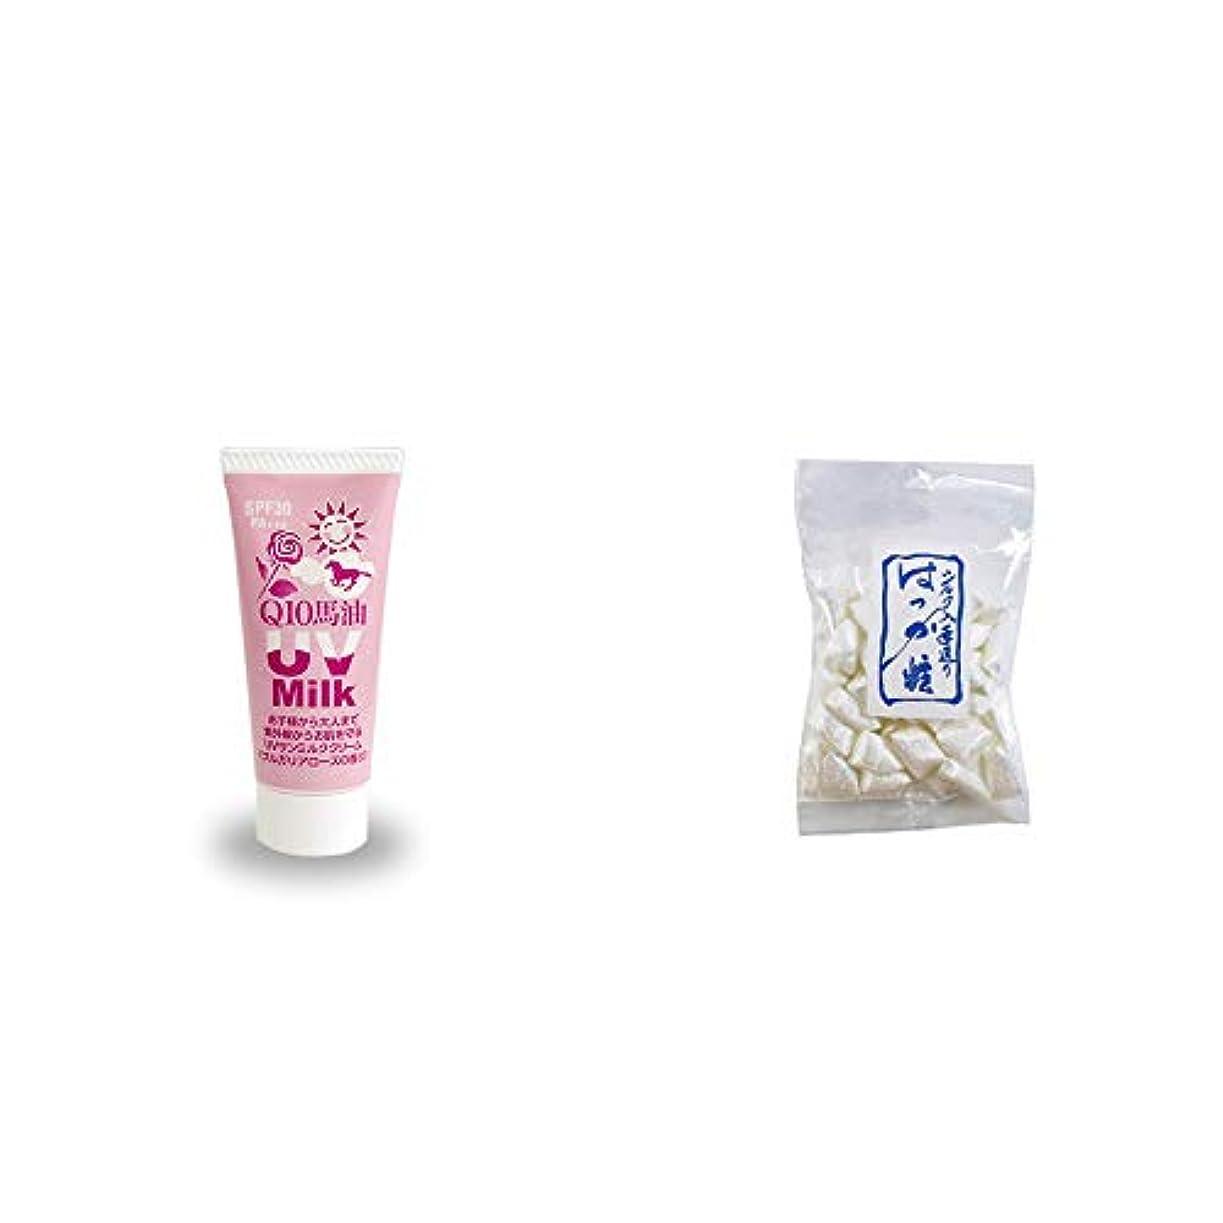 うまくいけばお手伝いさん剃る[2点セット] 炭黒泉 Q10馬油 UVサンミルク[ブルガリアローズ](40g)?シルクはっか糖(150g)